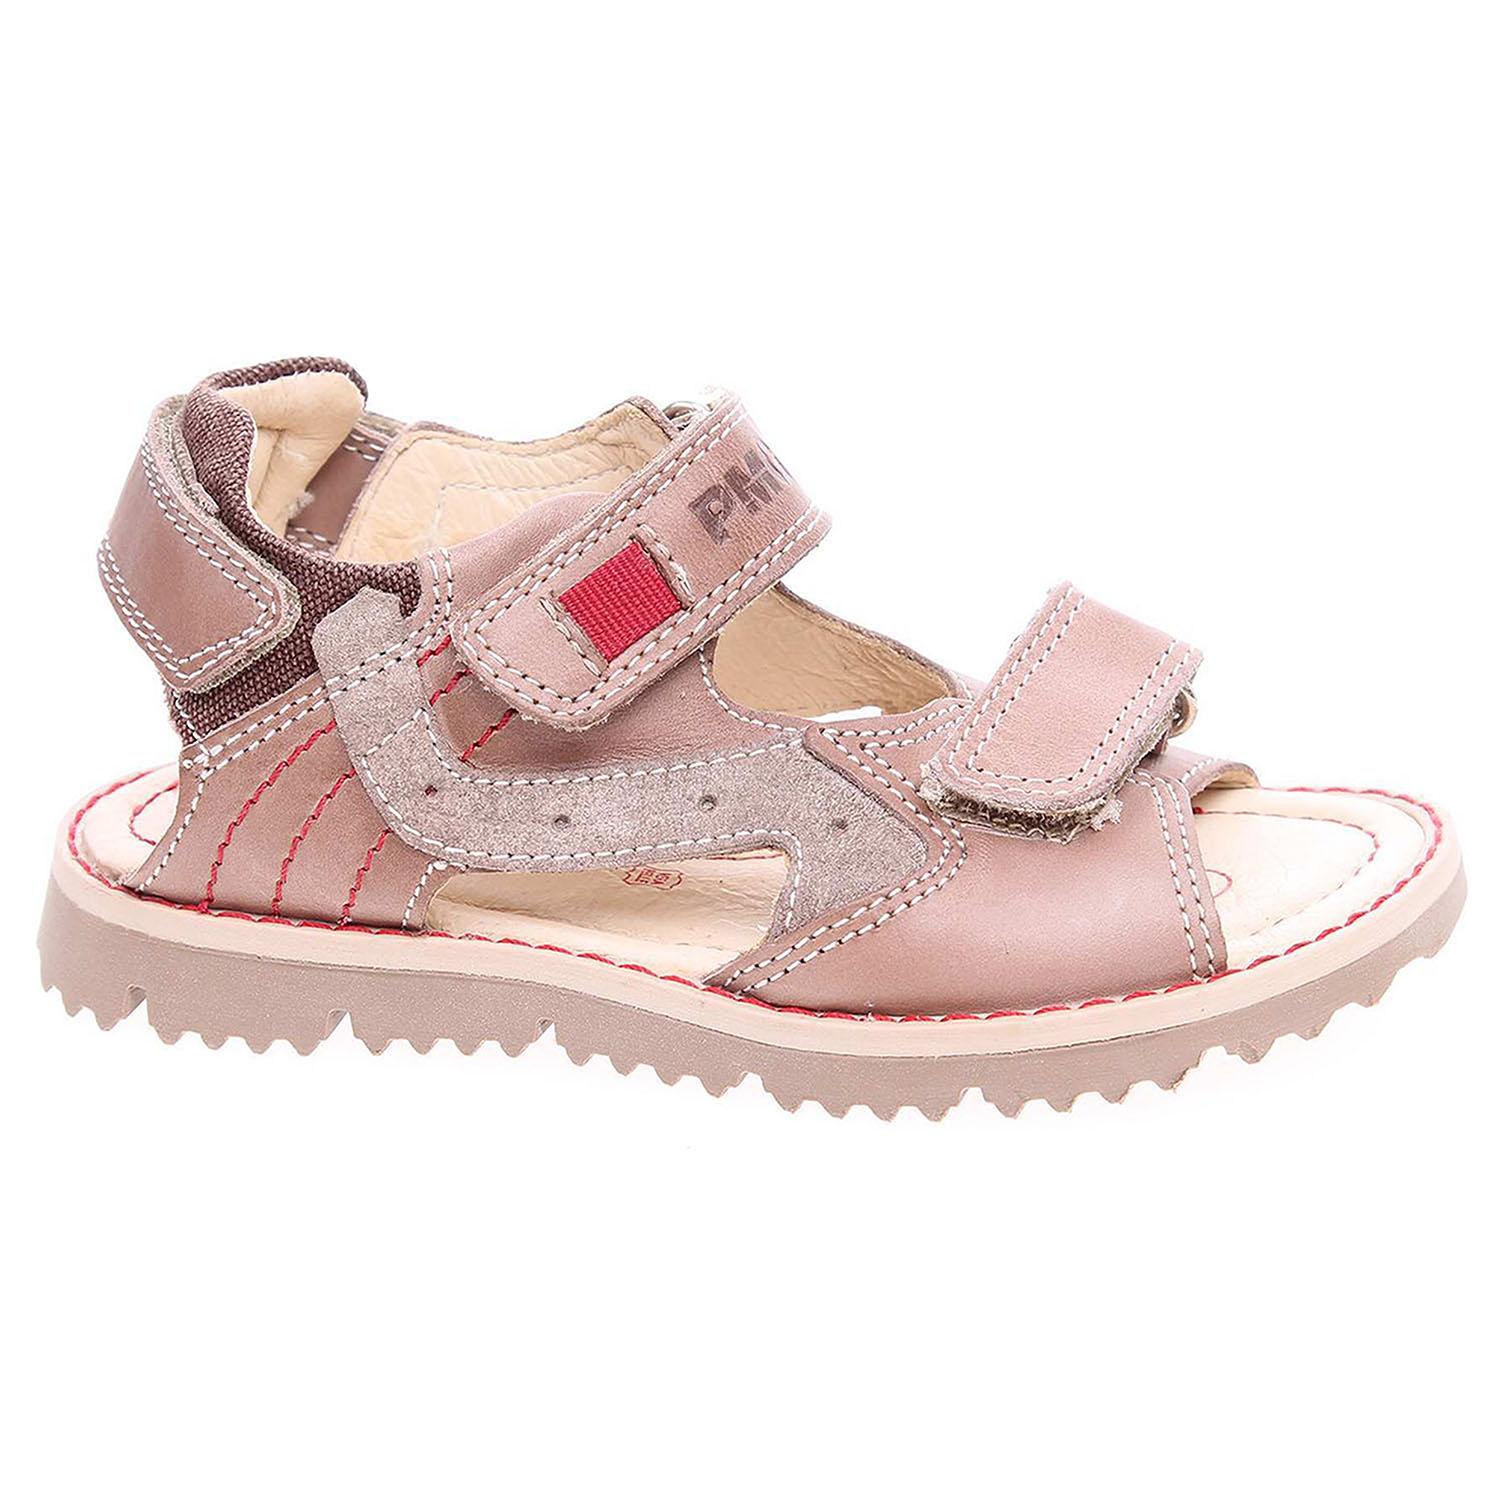 e121a5902d74 detail Chlapecké sandále Primigi 7129300 hnědé